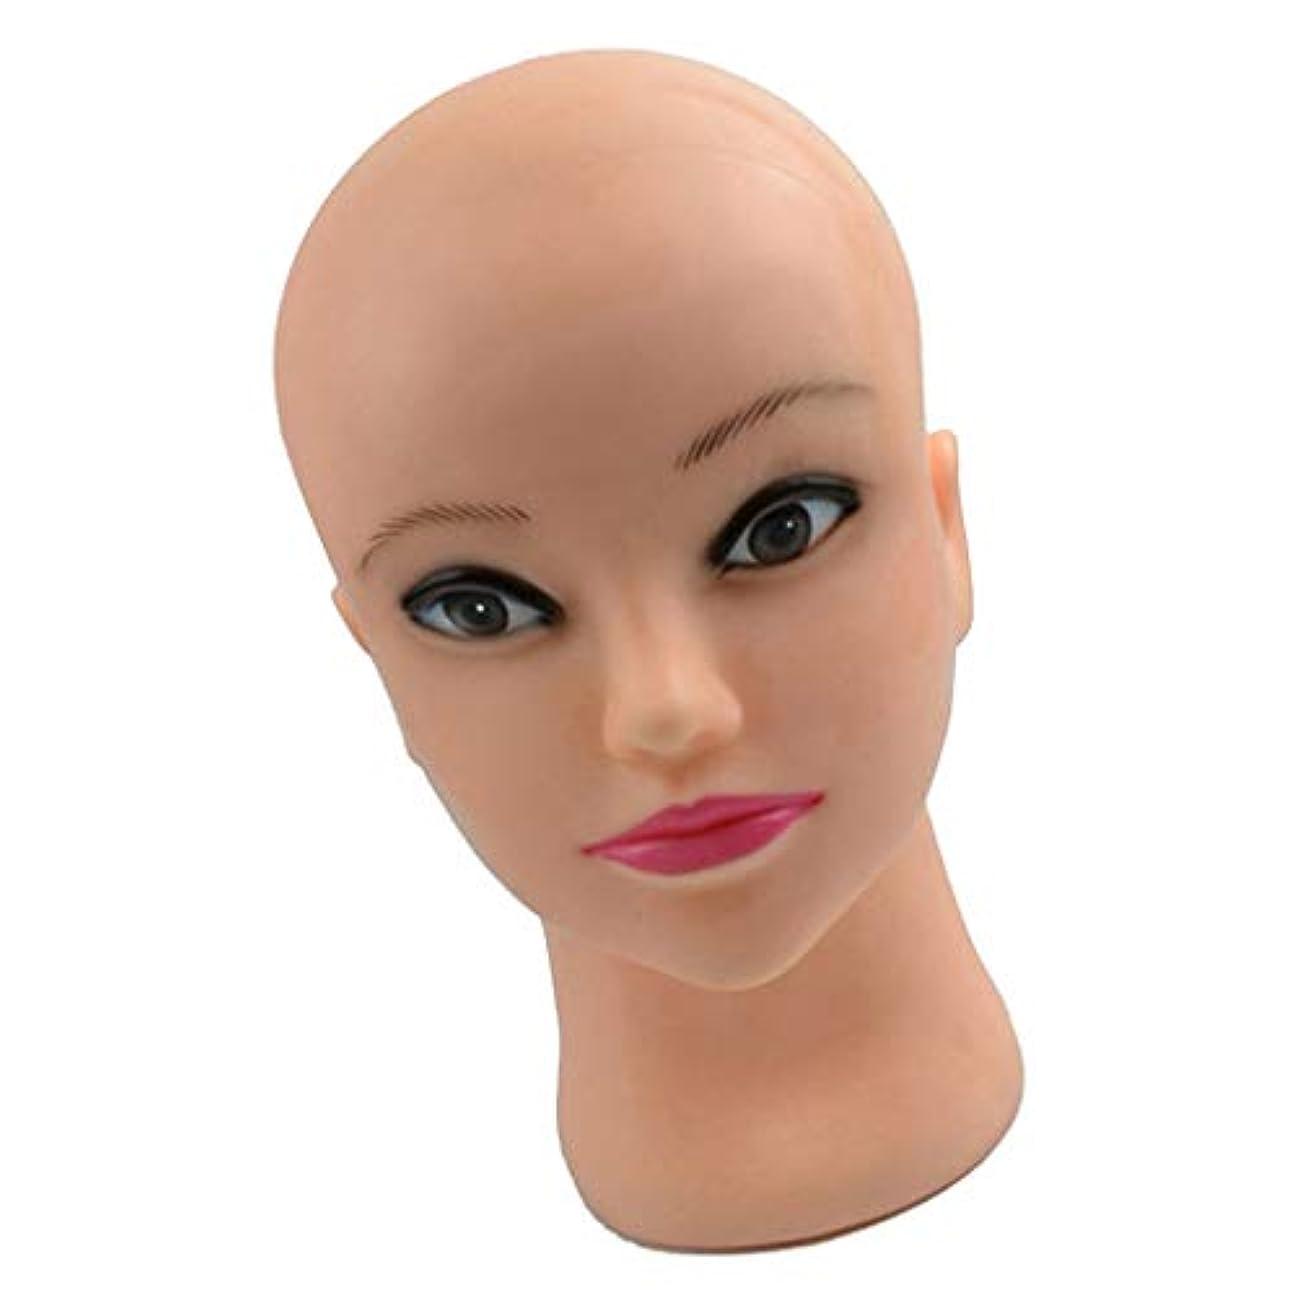 ヒール慢性的しなければならないPerfeclan マネキンヘッド メイク 化粧練習 シリコーン メイク練習用 モデル 美容室用 トレーニングに